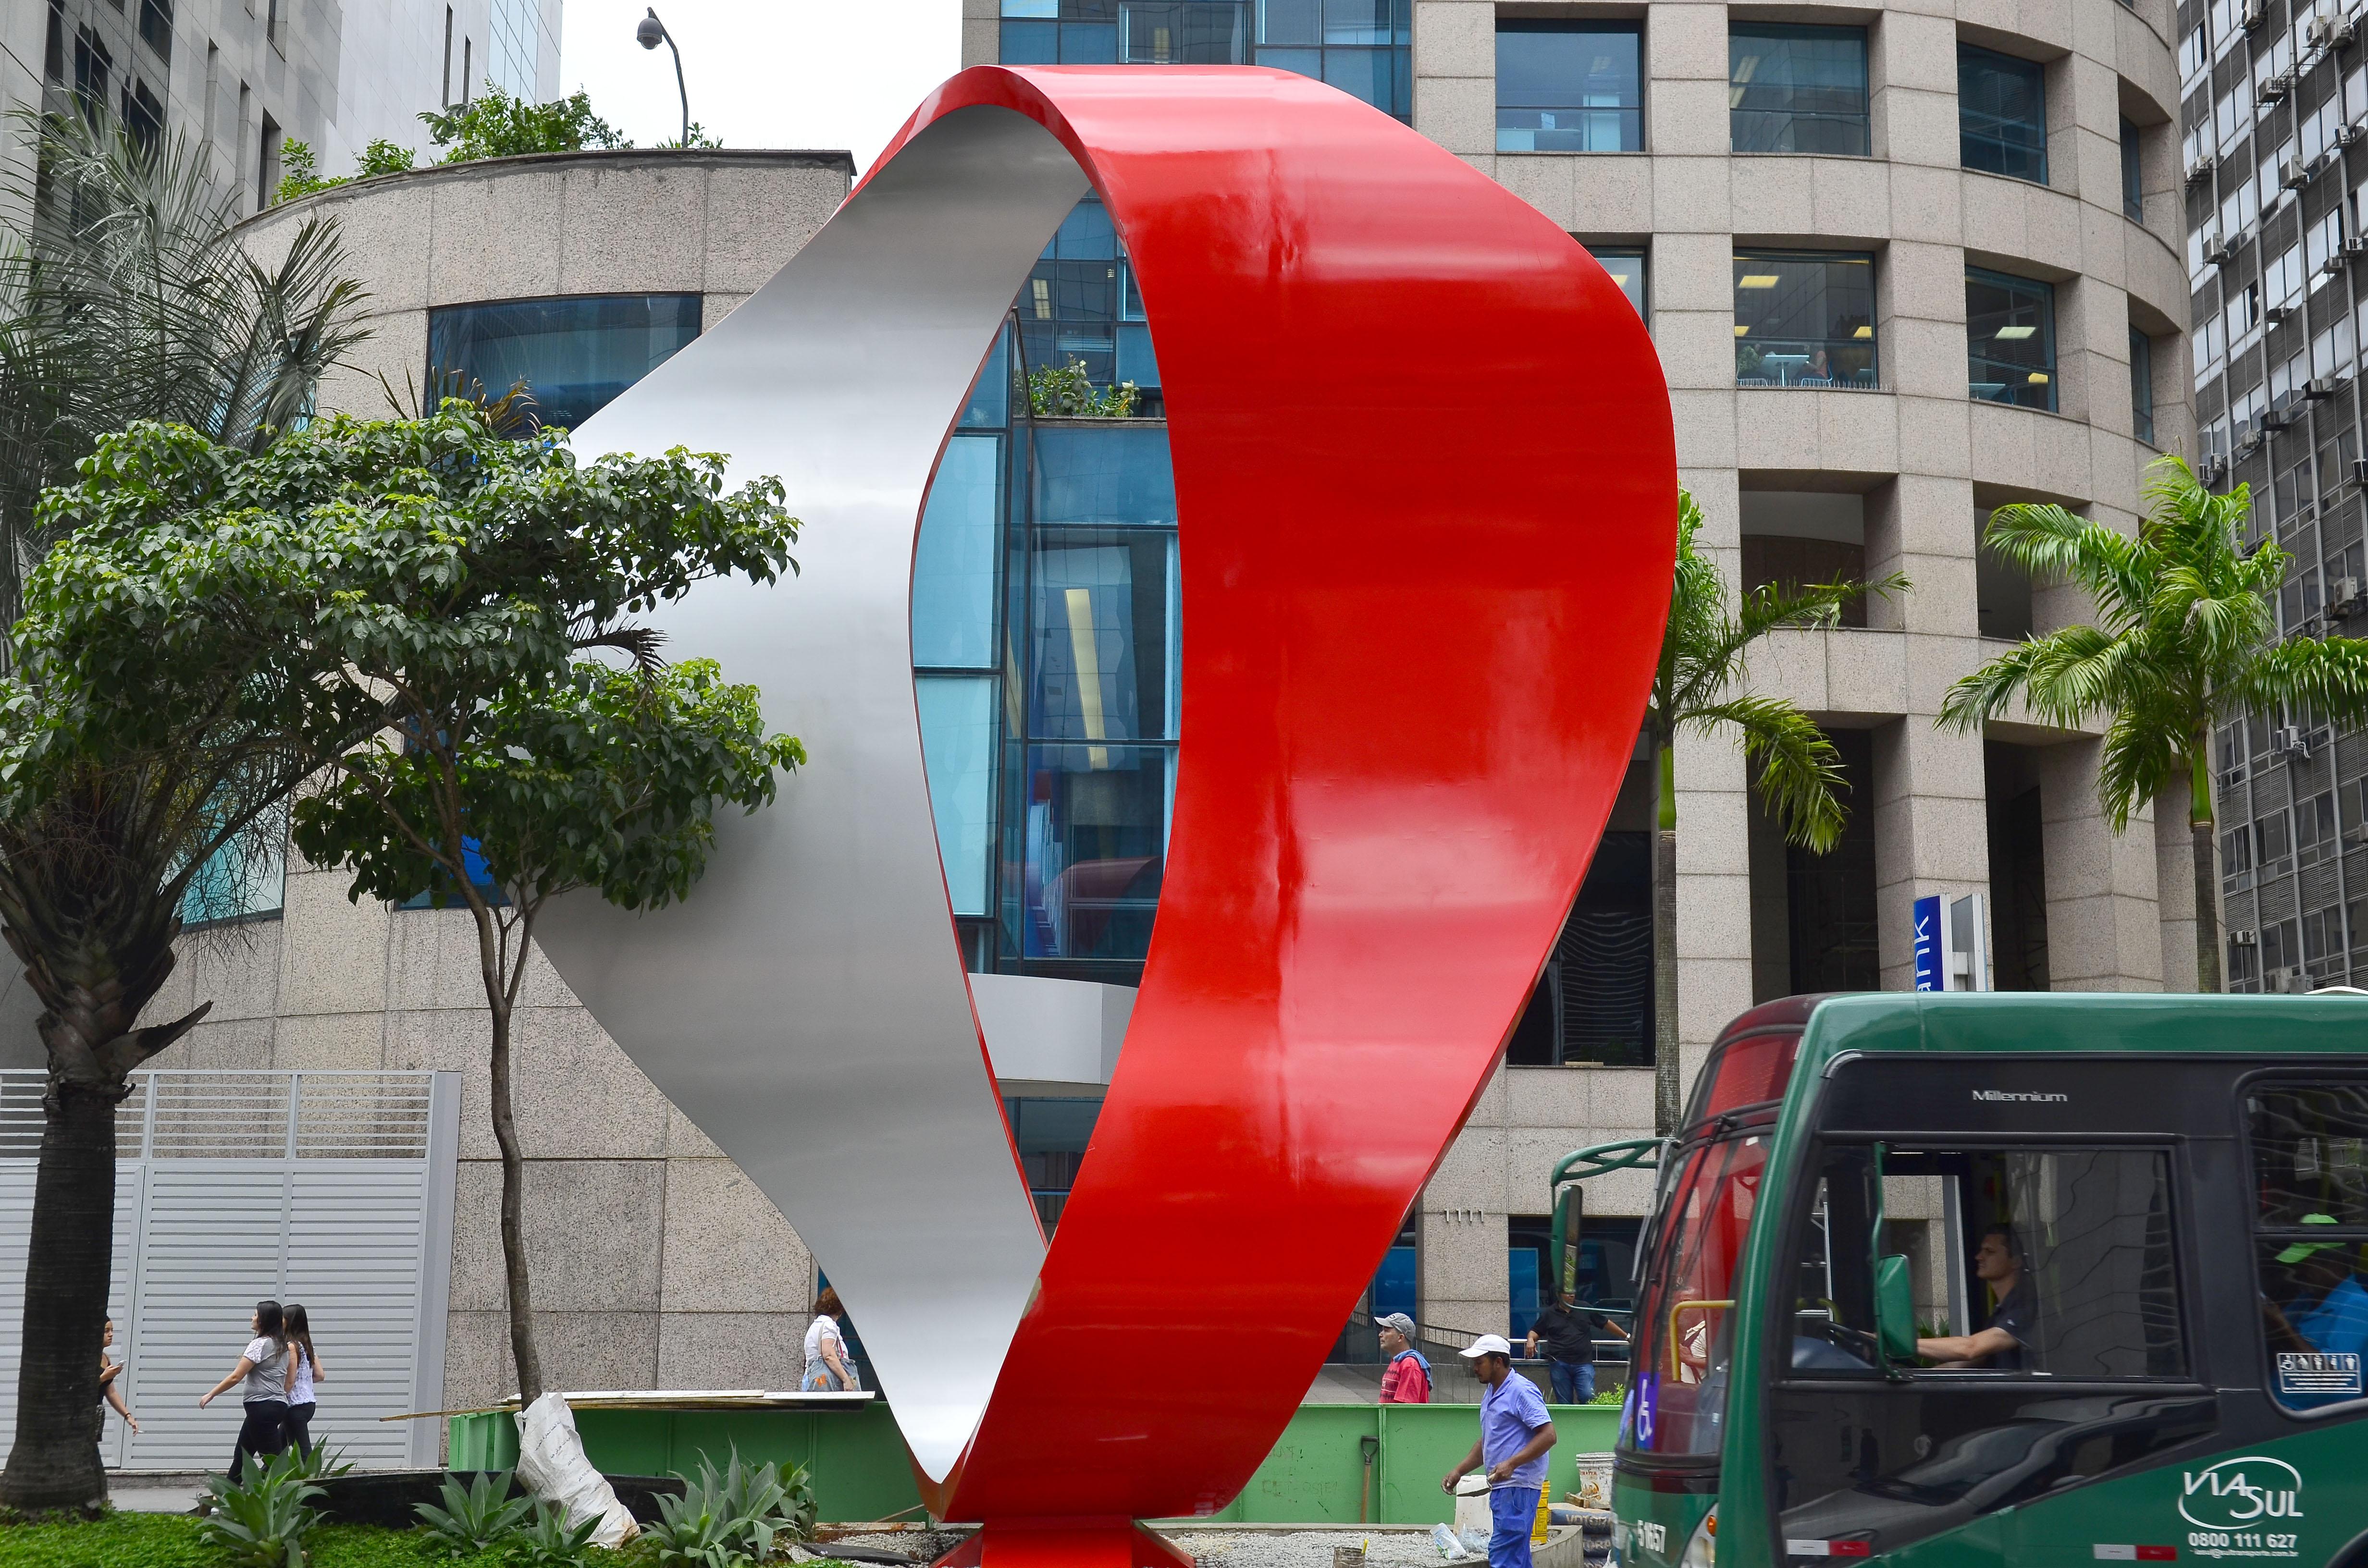 Escultura Tomie Ohtake Avenida Paulista